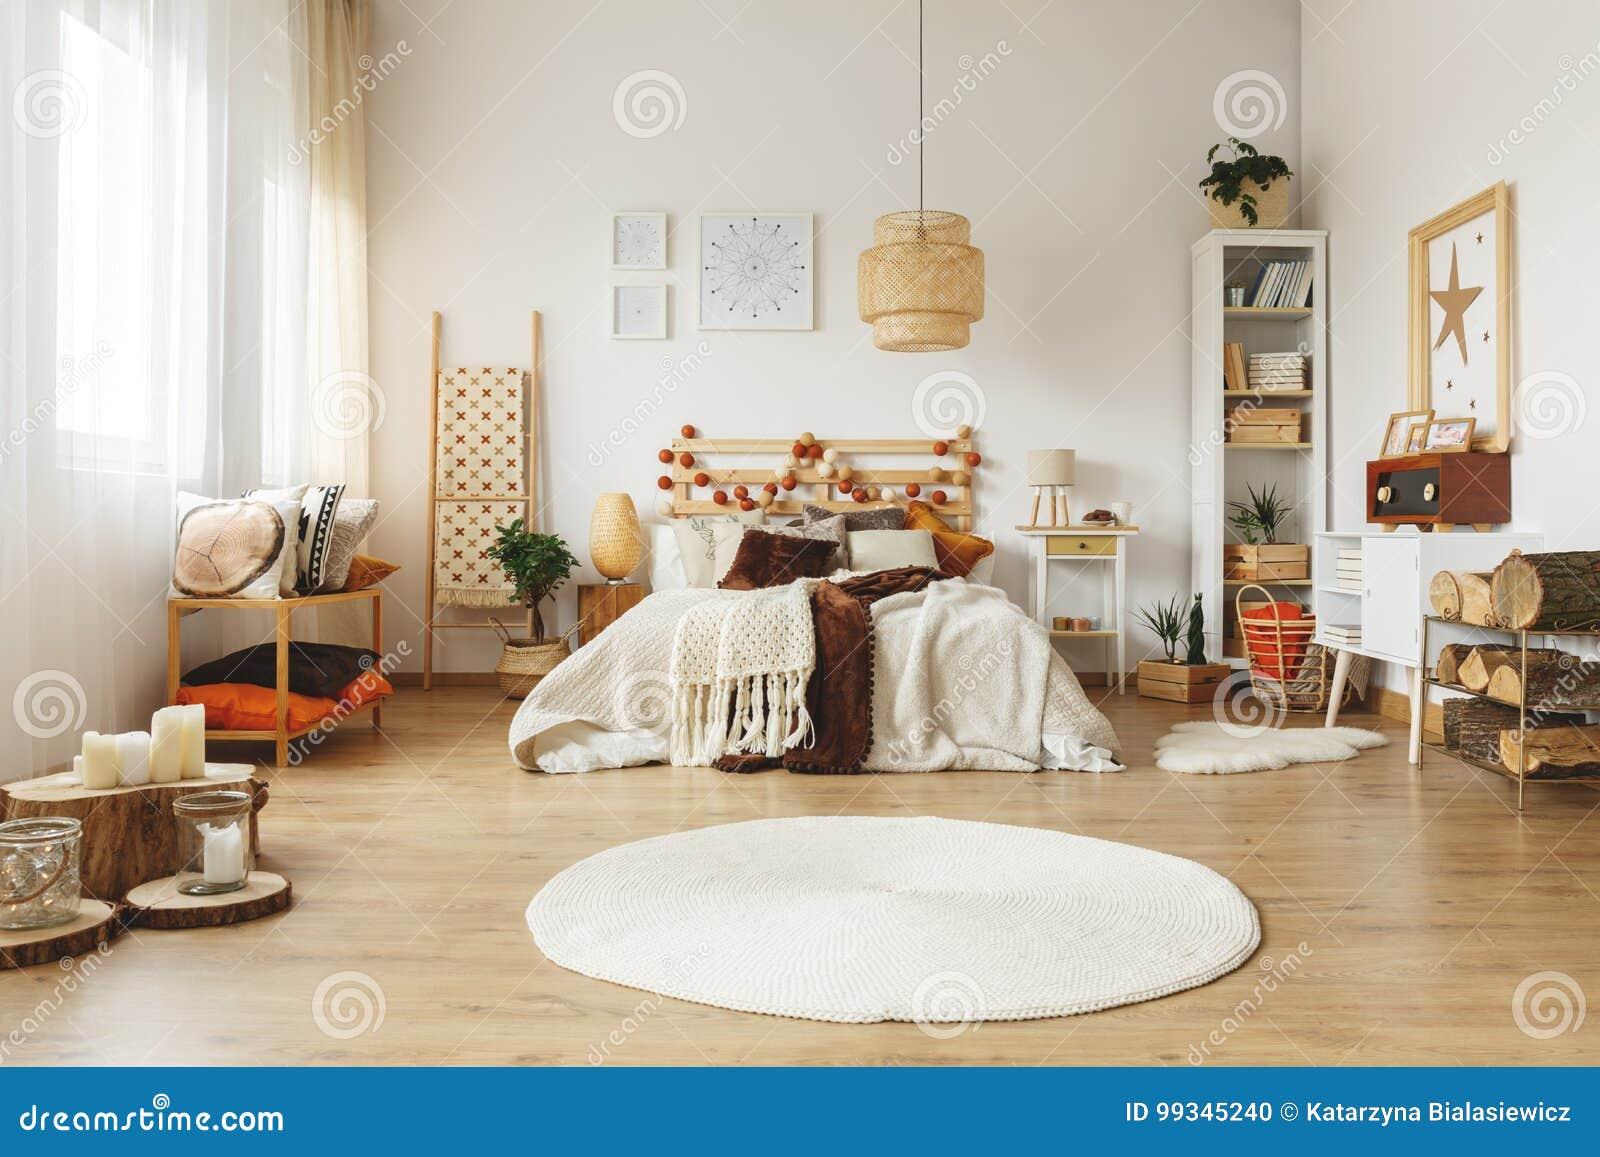 Biały dywanik w sypialni